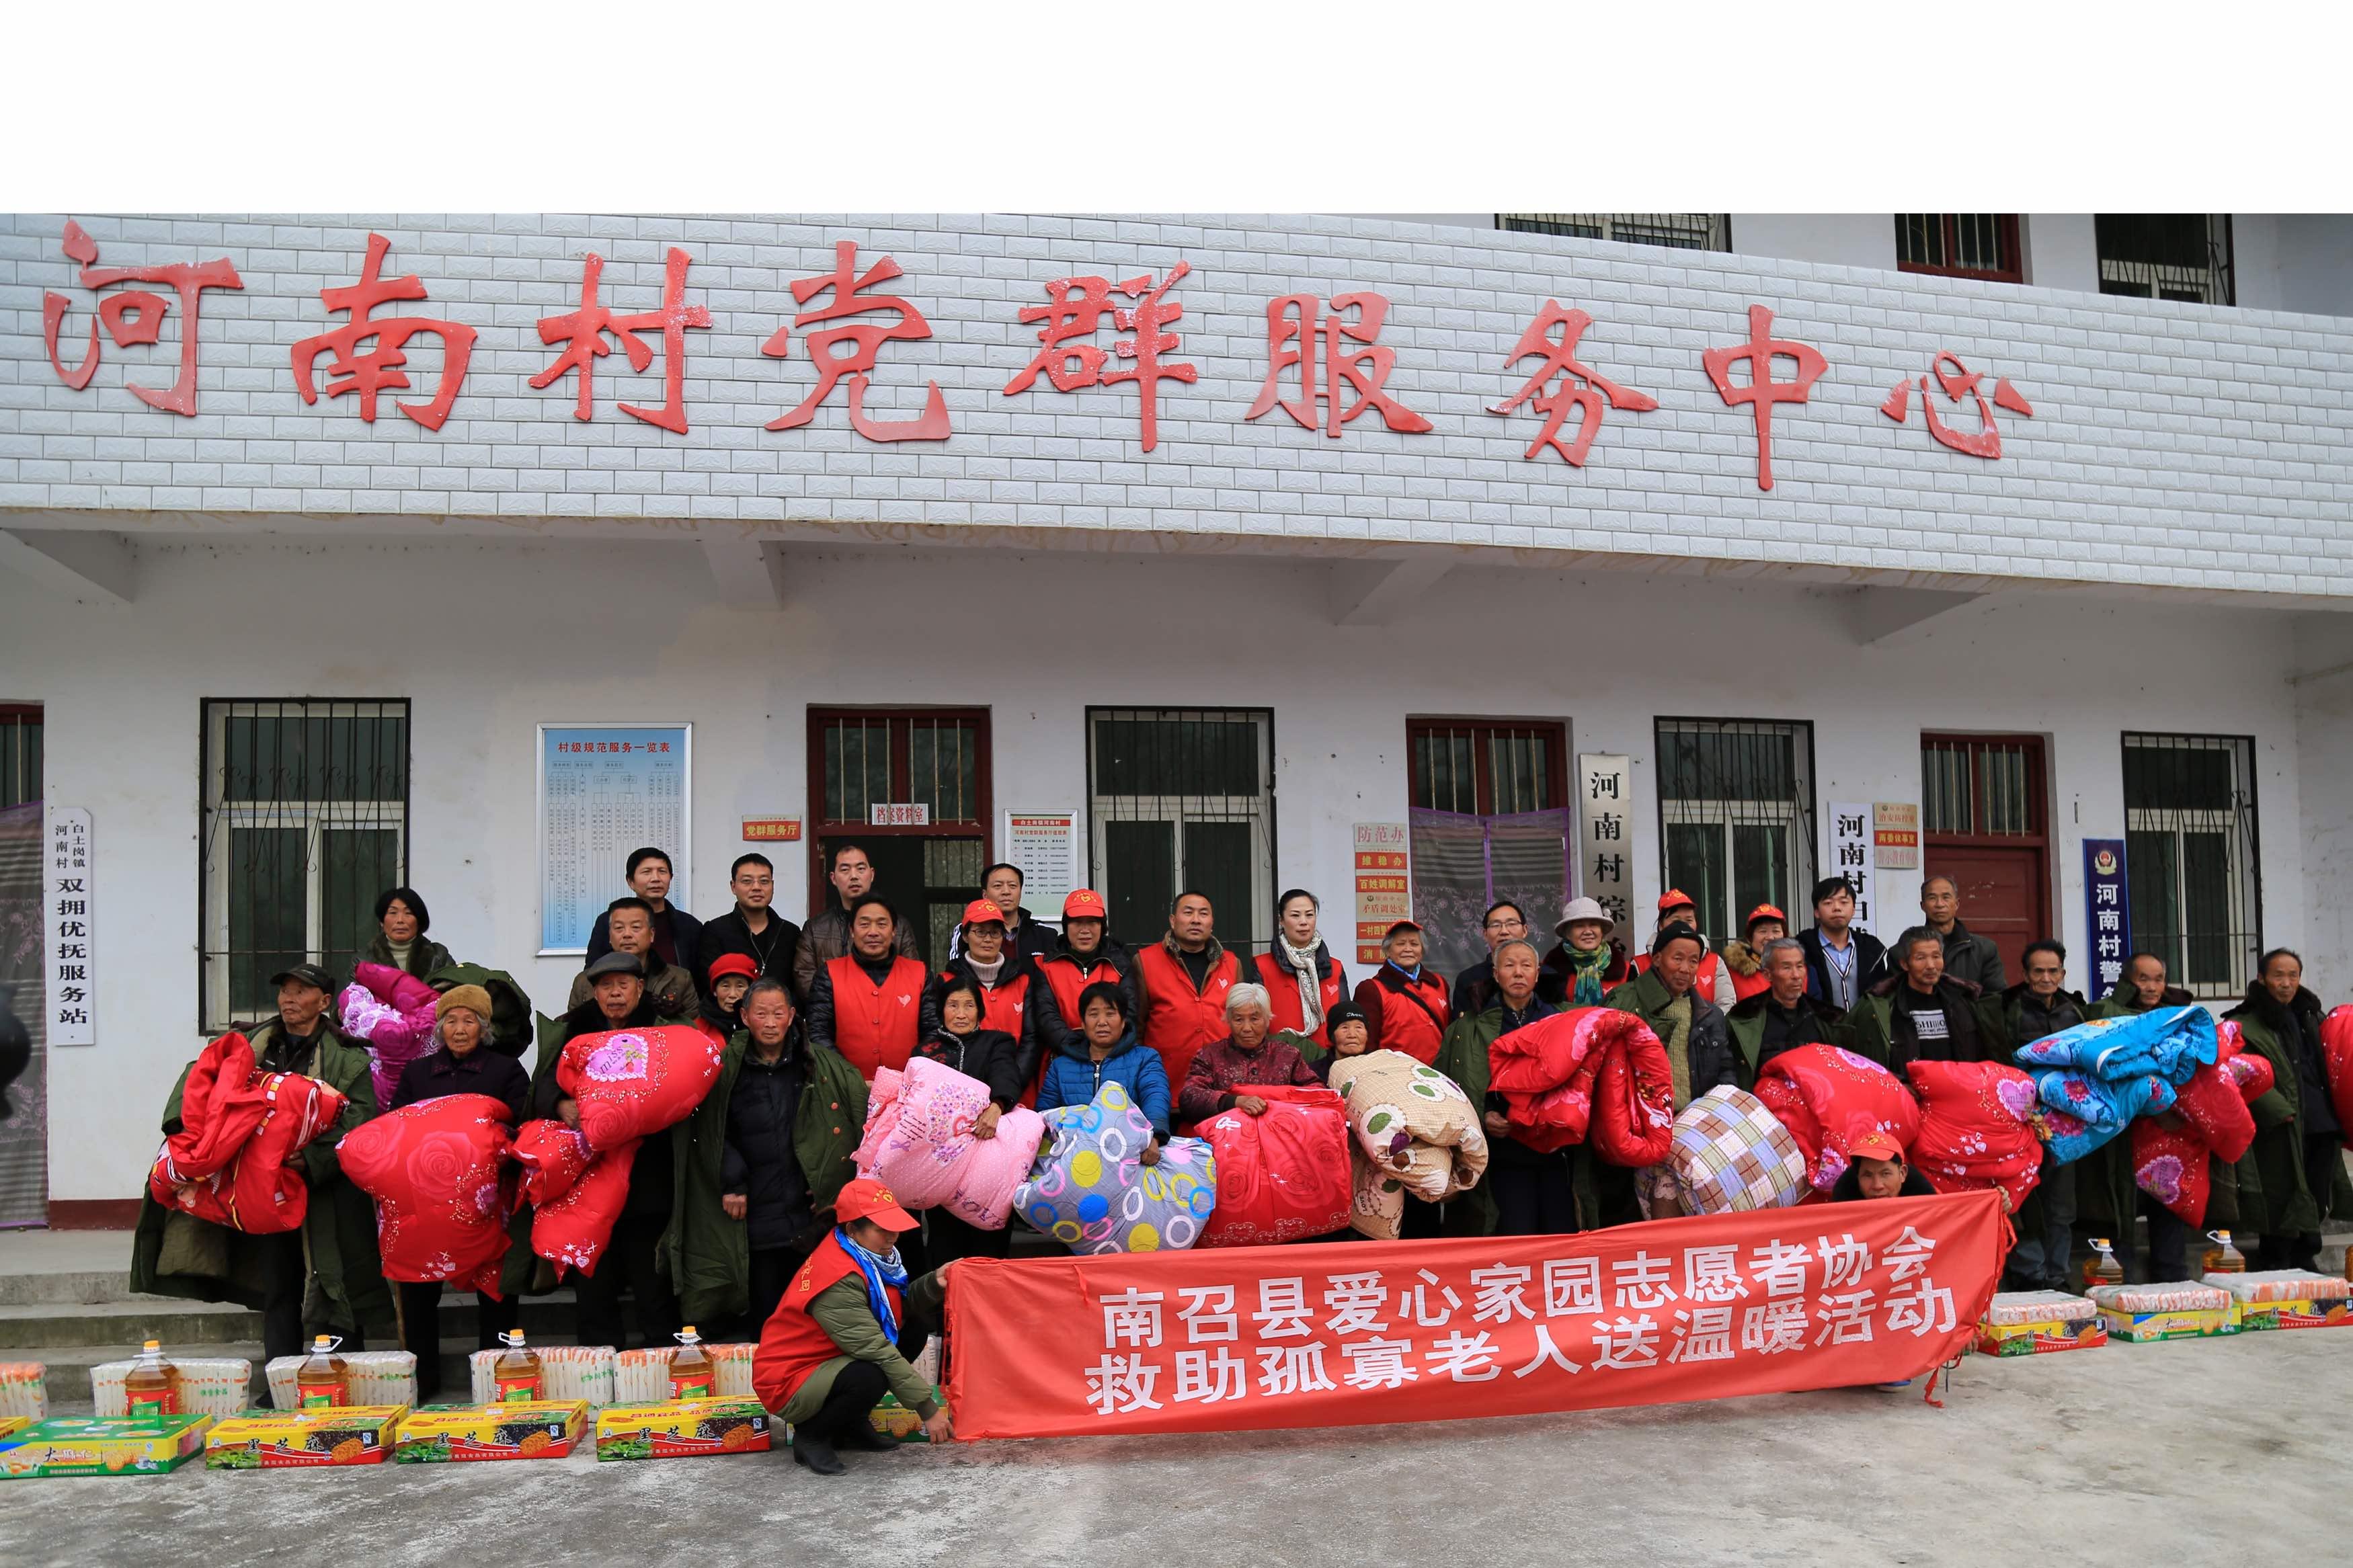 南召县爱心家园志愿者协会为白土岗镇河南村20户困难群众发放御寒棉衣棉被和生活物品。